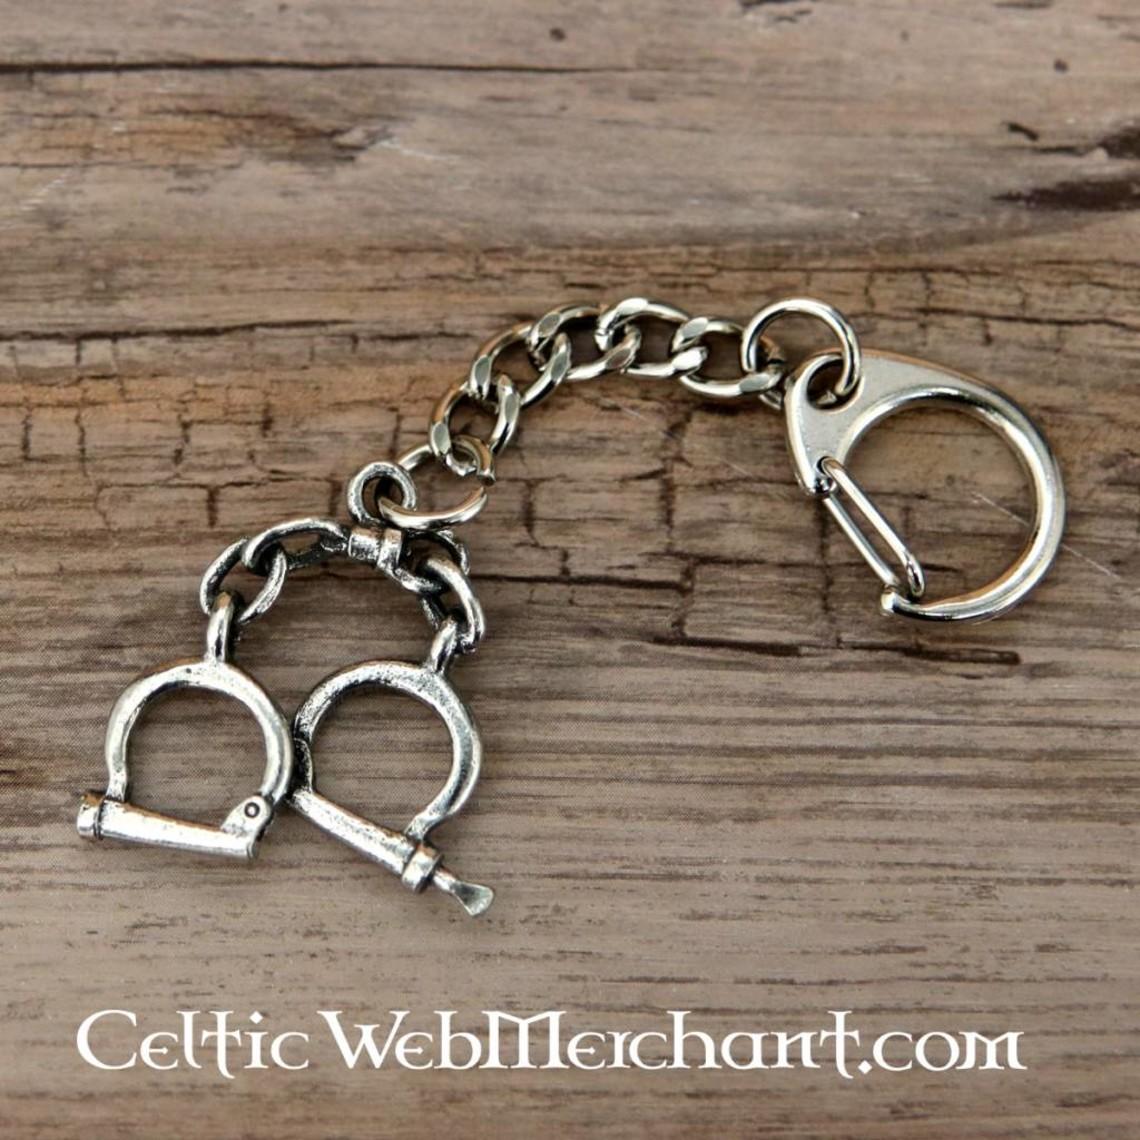 Hand cuffs keychain